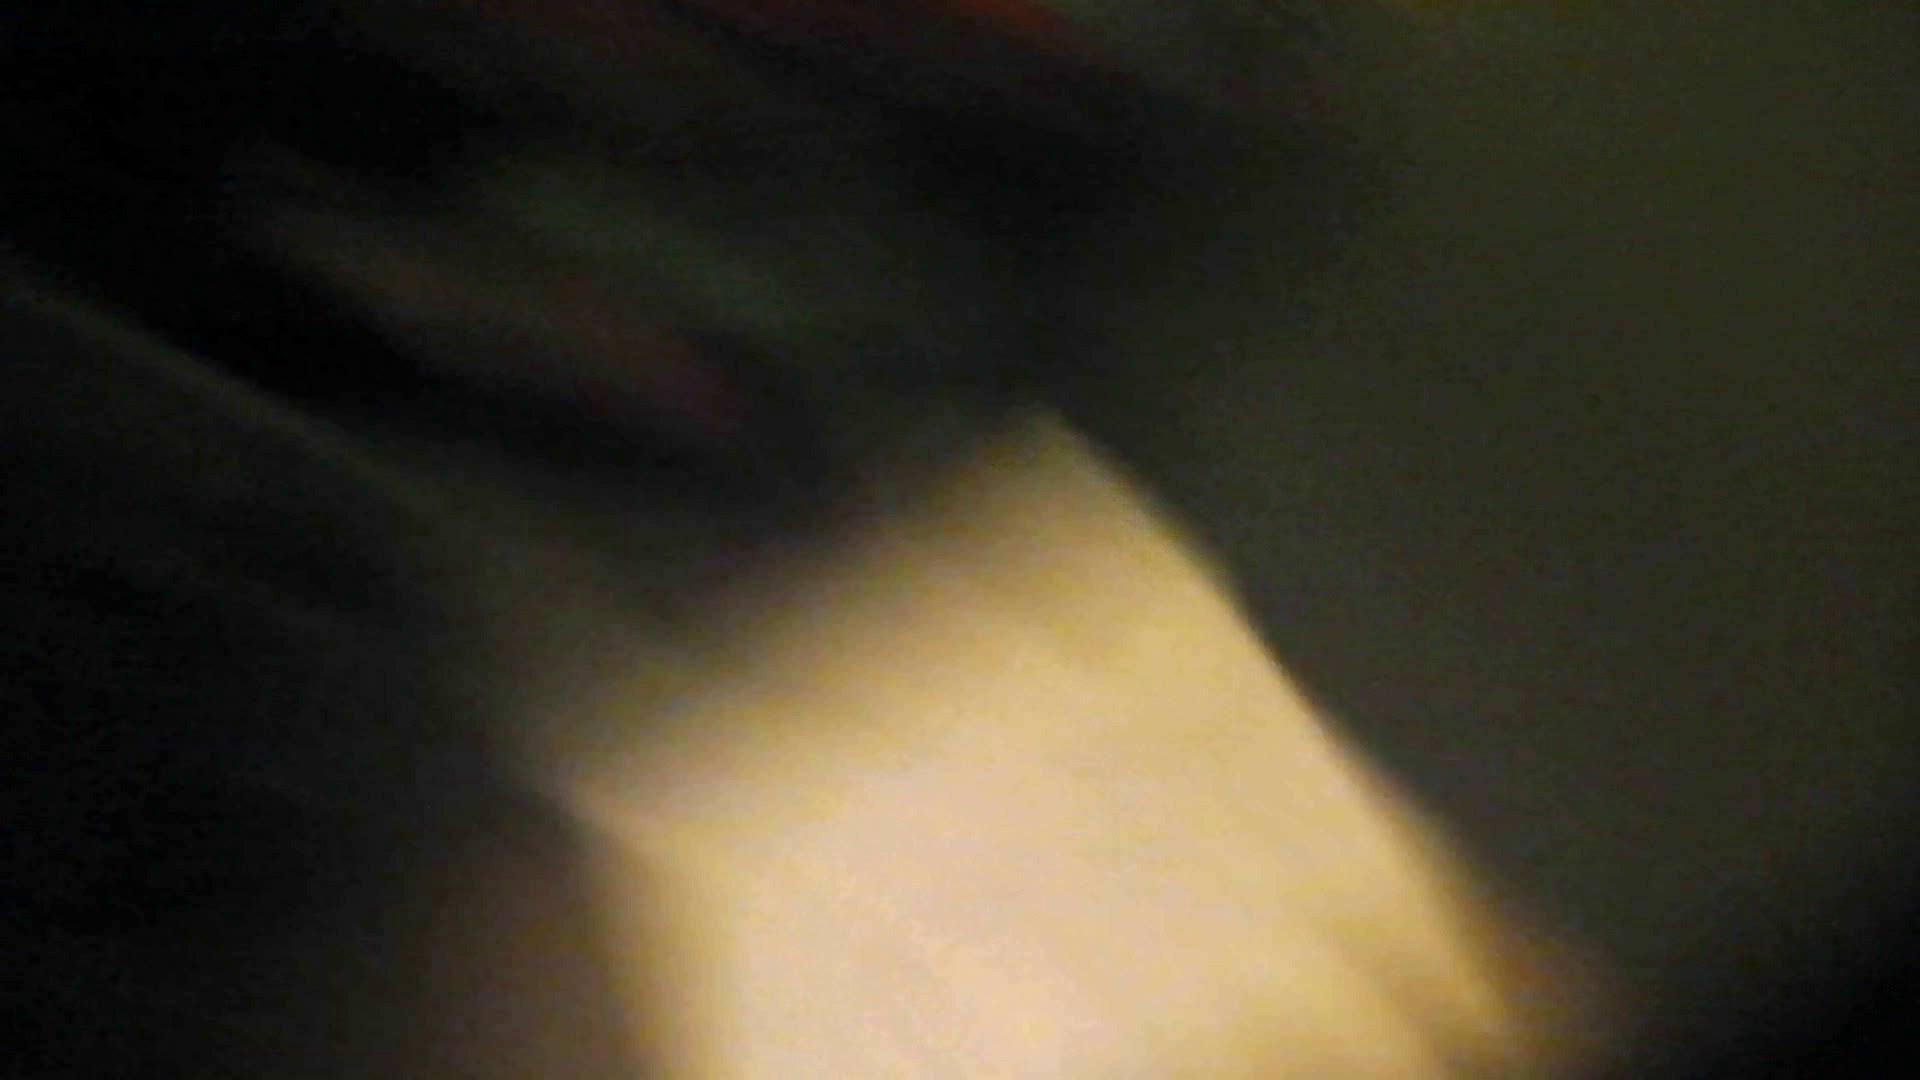 阿国ちゃんの「和式洋式七変化」No.14 盛合せ   洗面所のぞき  75枚 73